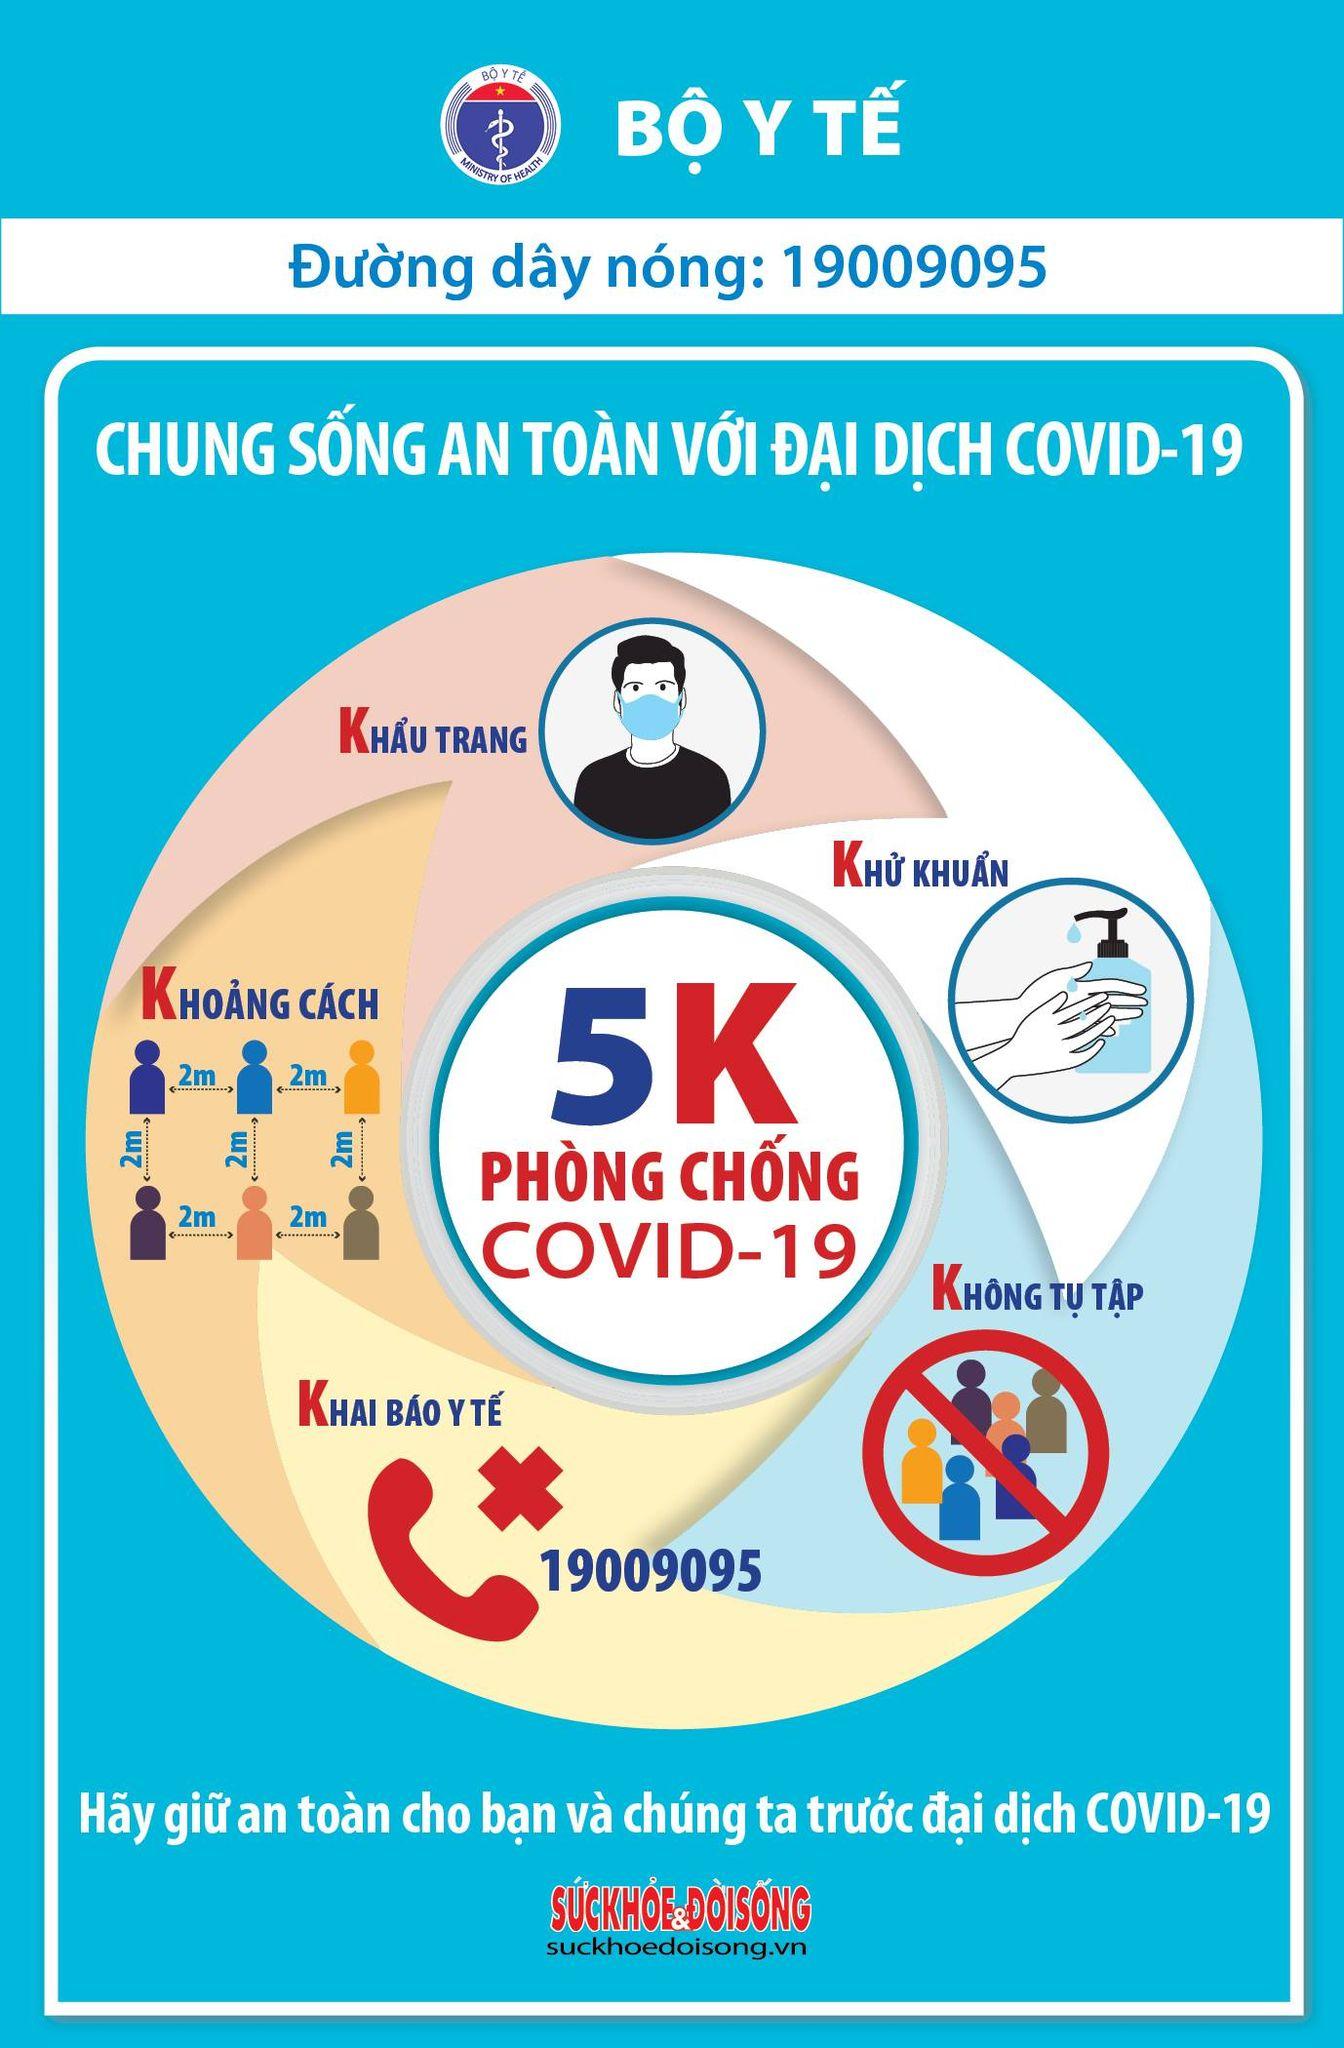 Bộ Y tế kêu gọi người dân làm 5 việc cấp thiết sau để phòng chống COVID-19 - Ảnh 1.